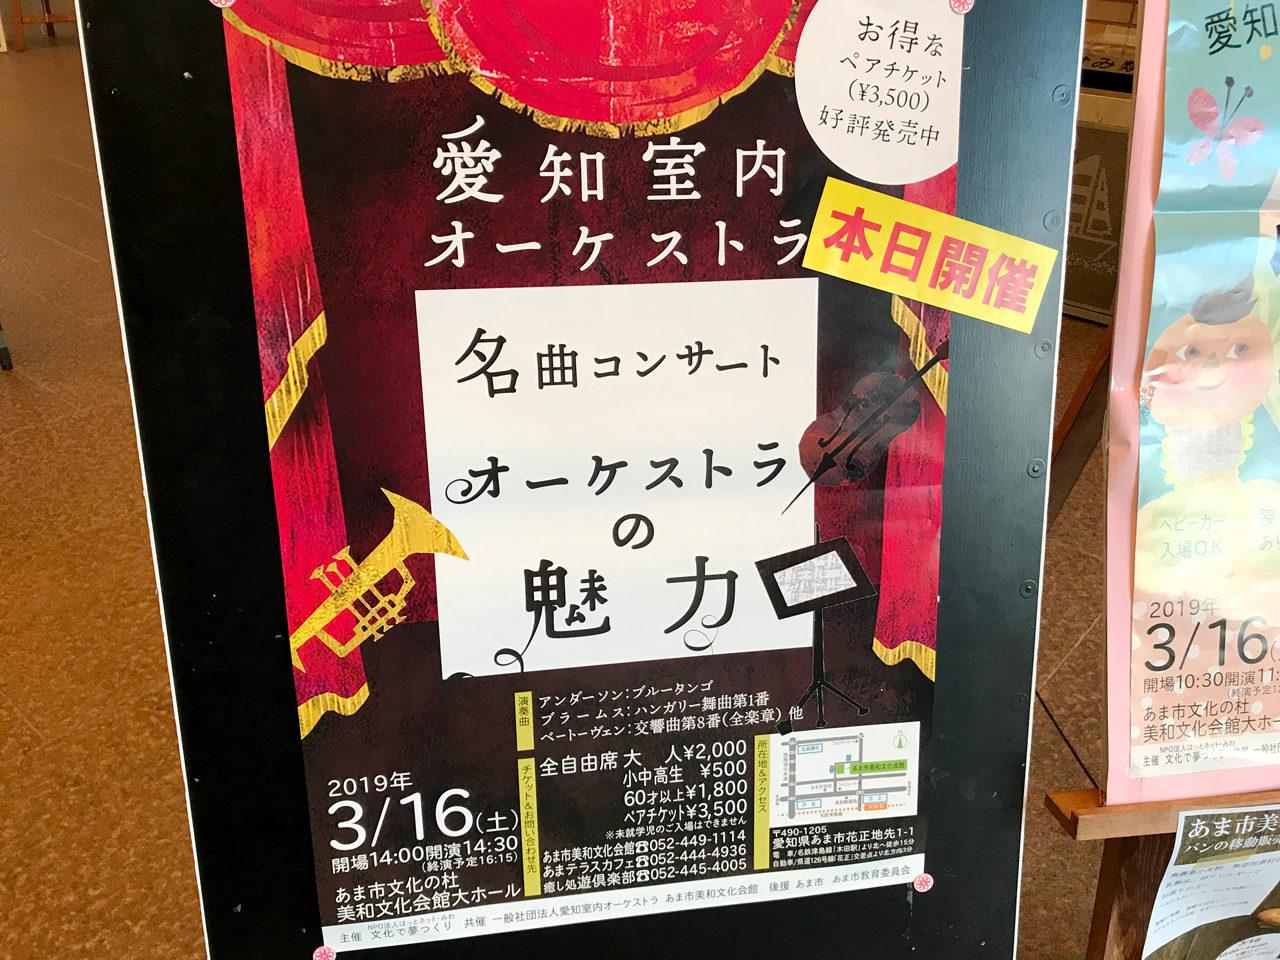 愛知室内オーケストラの演奏会をあま市まで聴きに行きました。